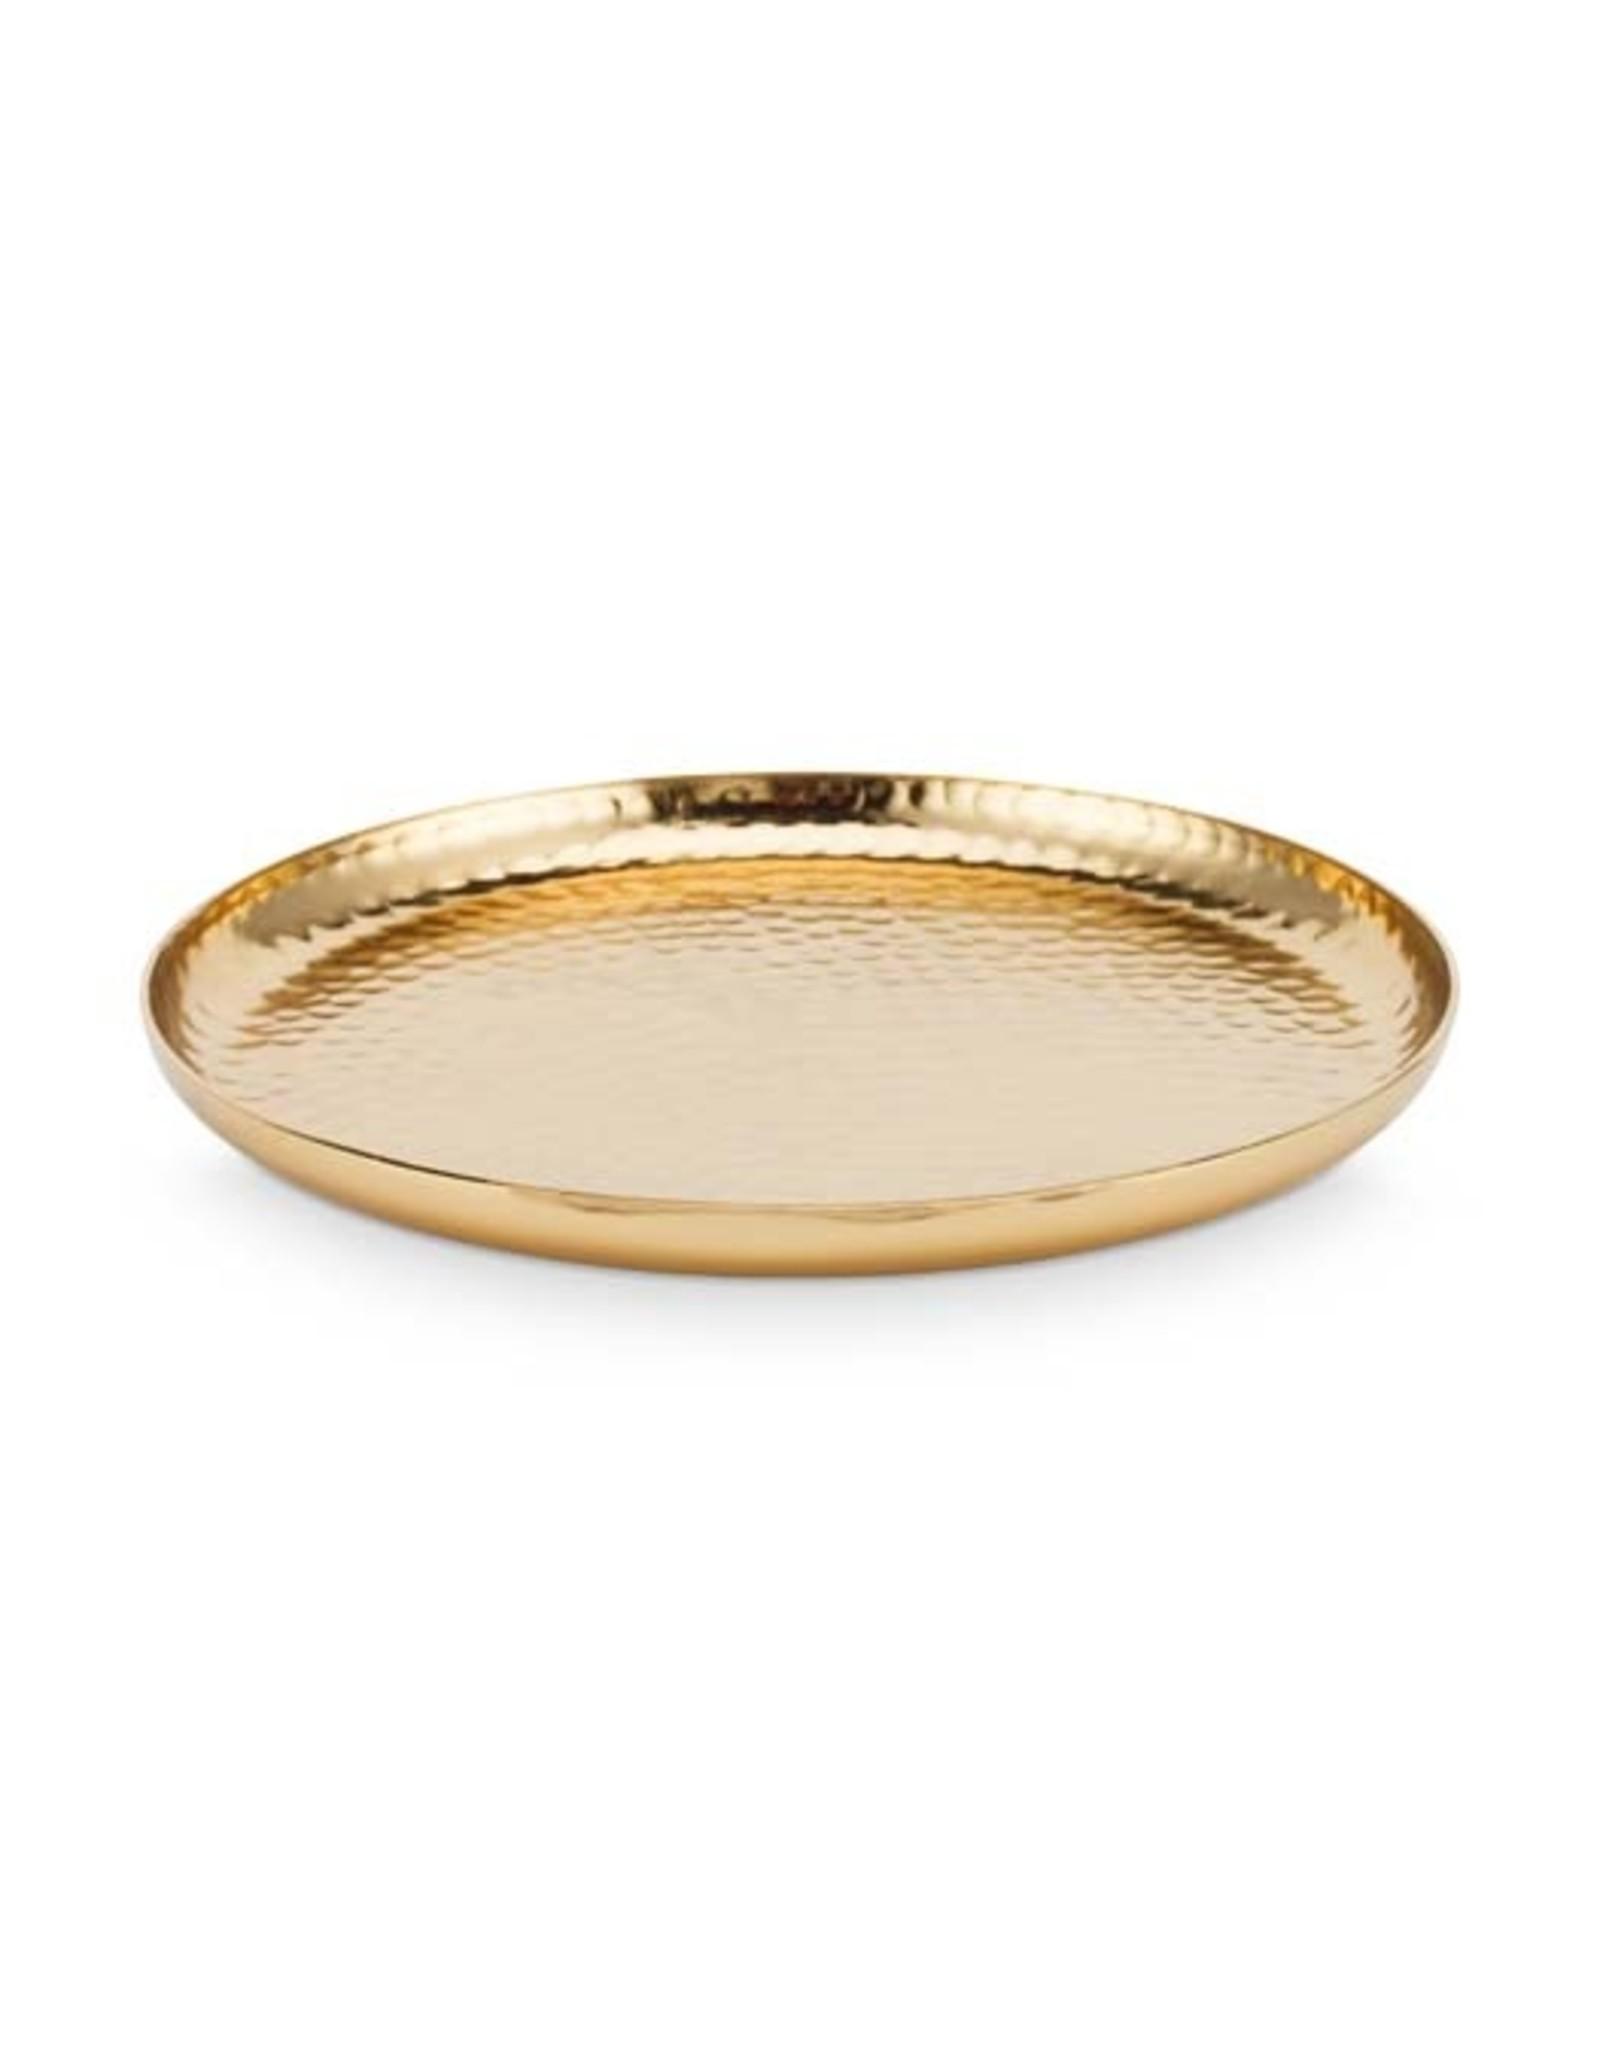 vtwonen Plate Metal Gold | Vtwonen | 15 cm